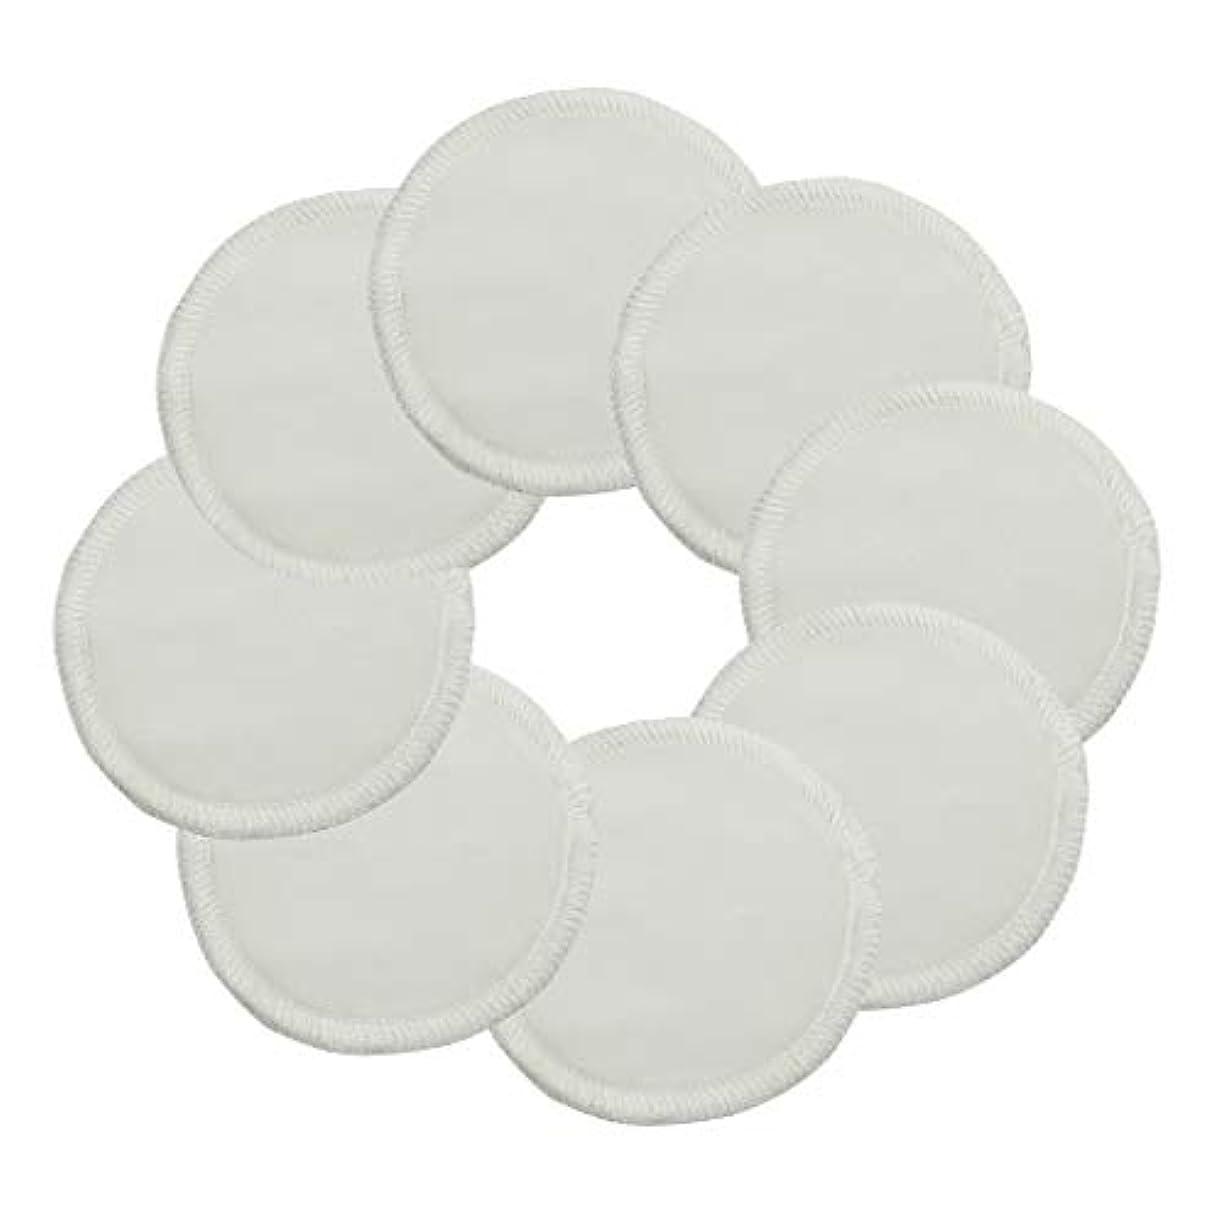 パトロン本質的に失効AlinFeng 竹リムーバーパッド(8/12/16のパック)、ランドリー付き再利用可能なオーガニックコットンパッド